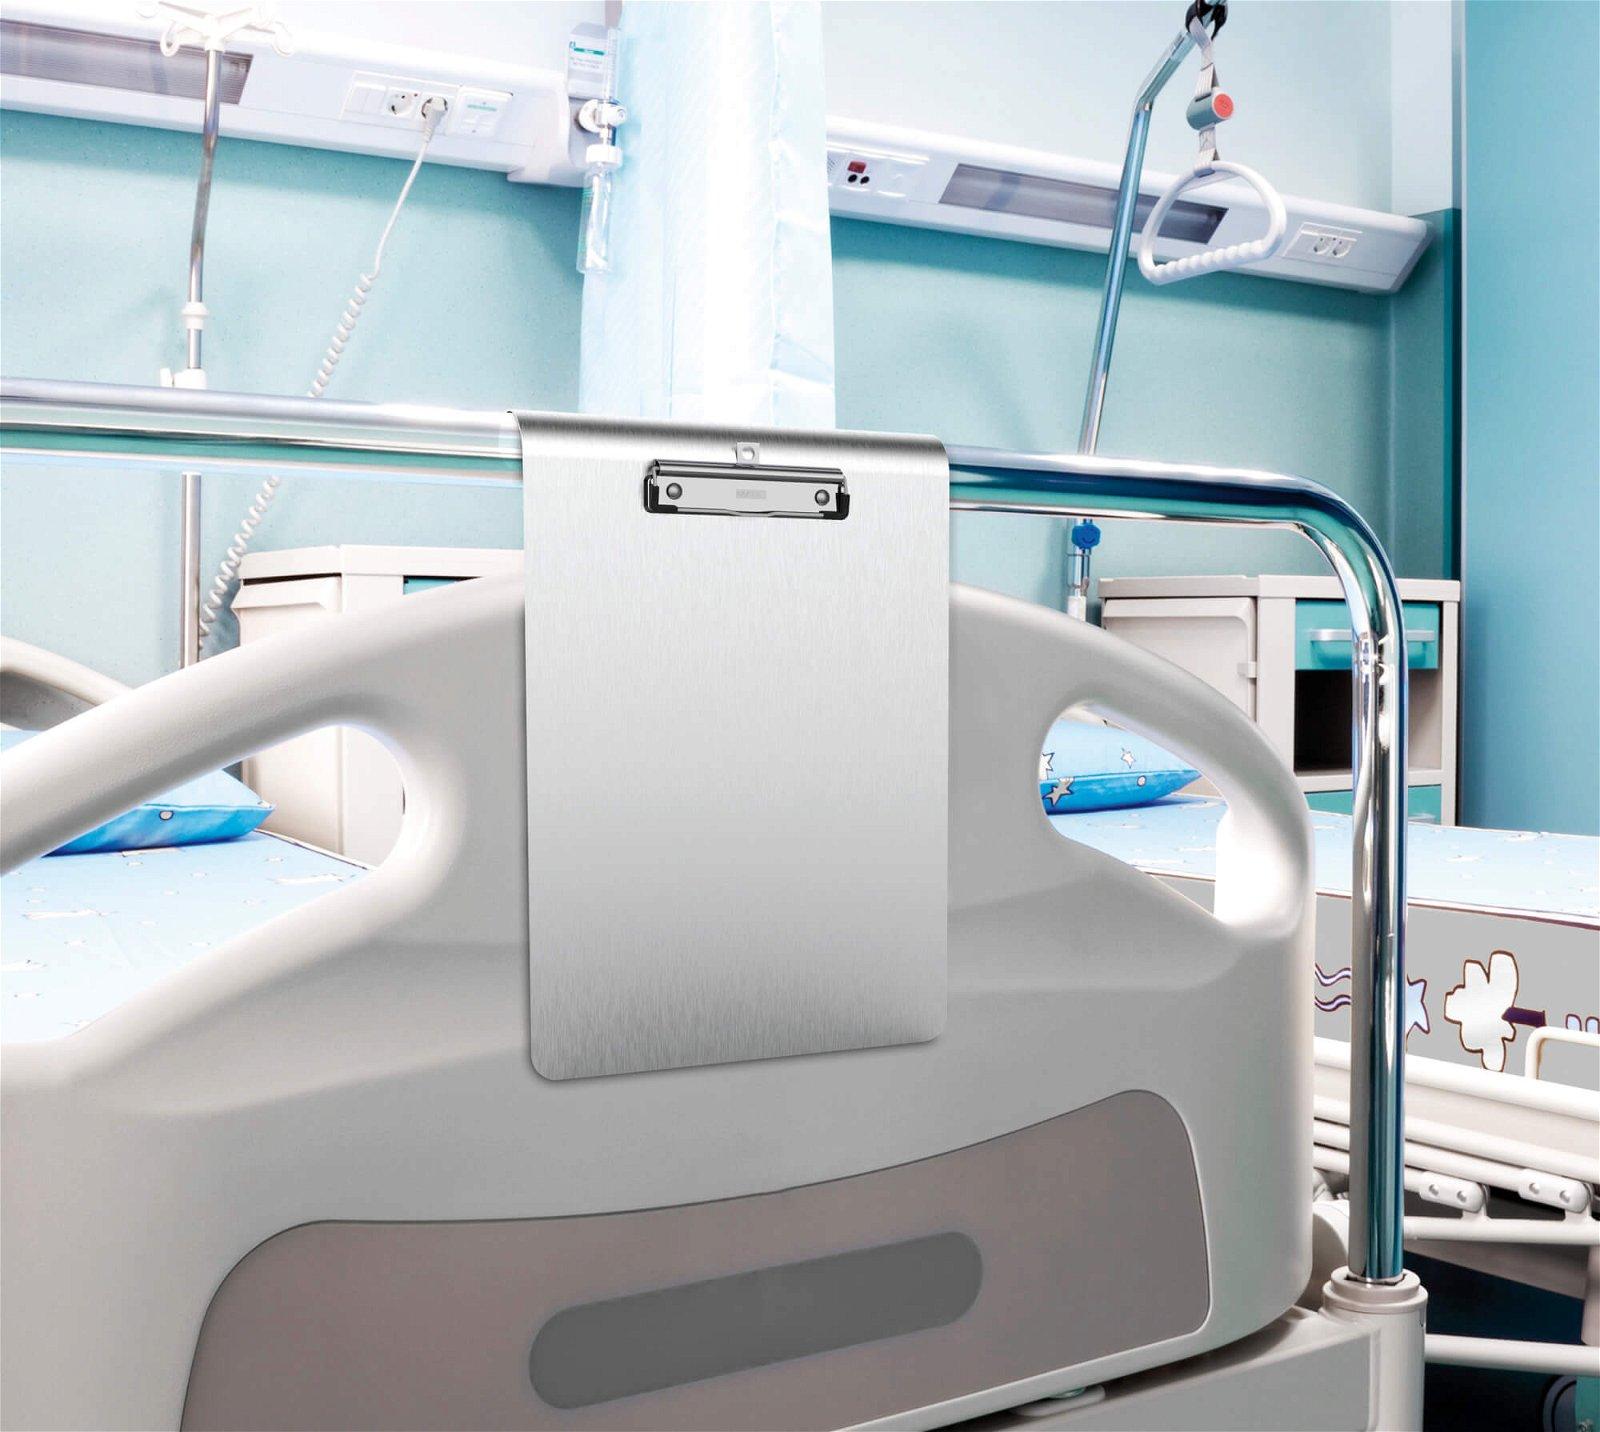 A4 Schreibplatte MAULmedic Klemmer Edelstahl, hoch